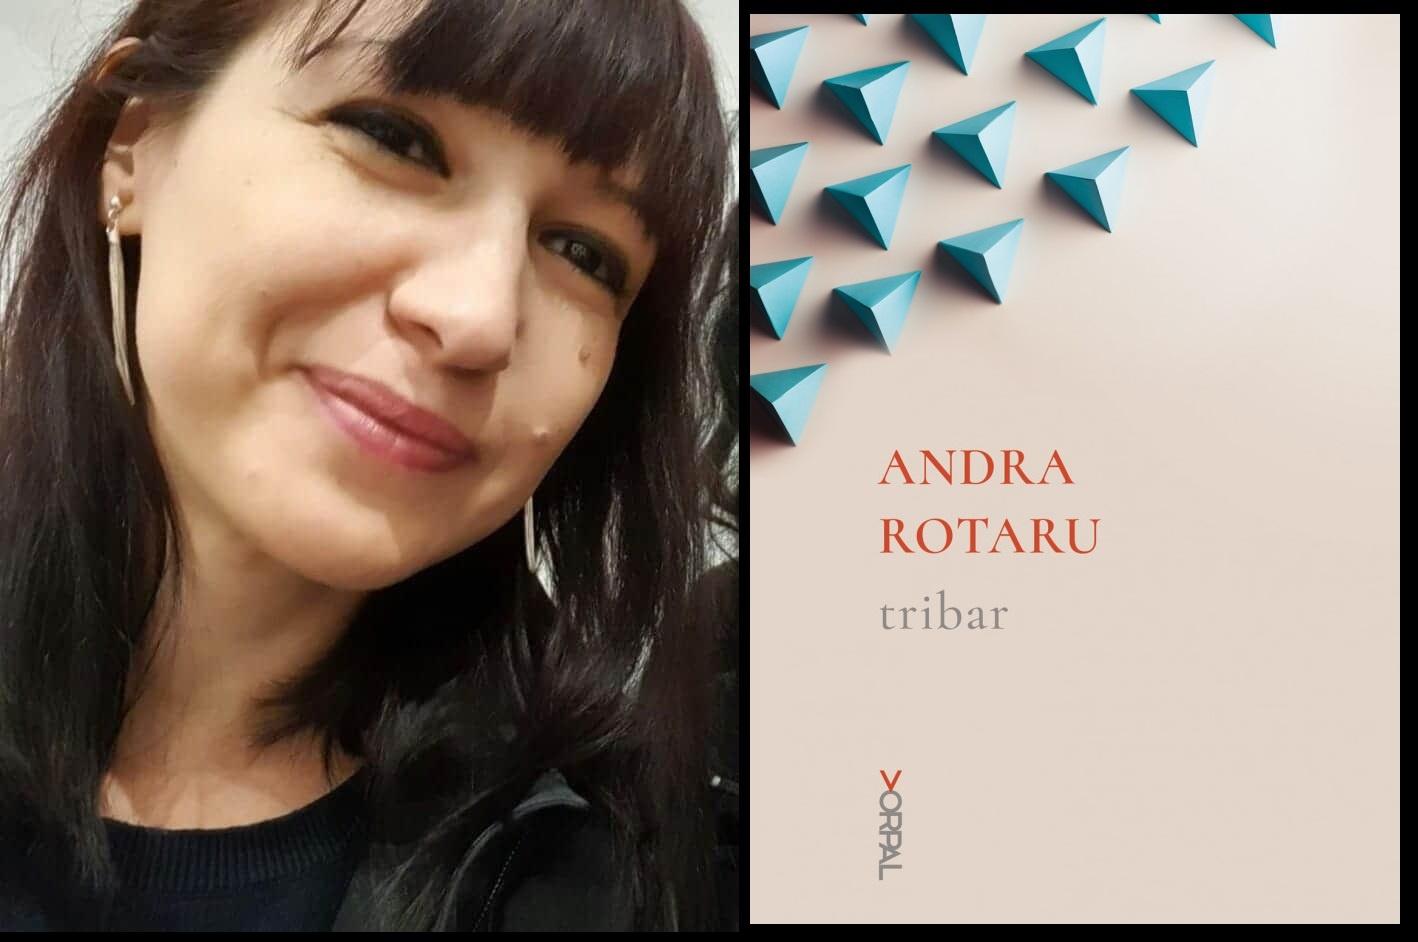 © Andra Rotaru & Editura Nemira